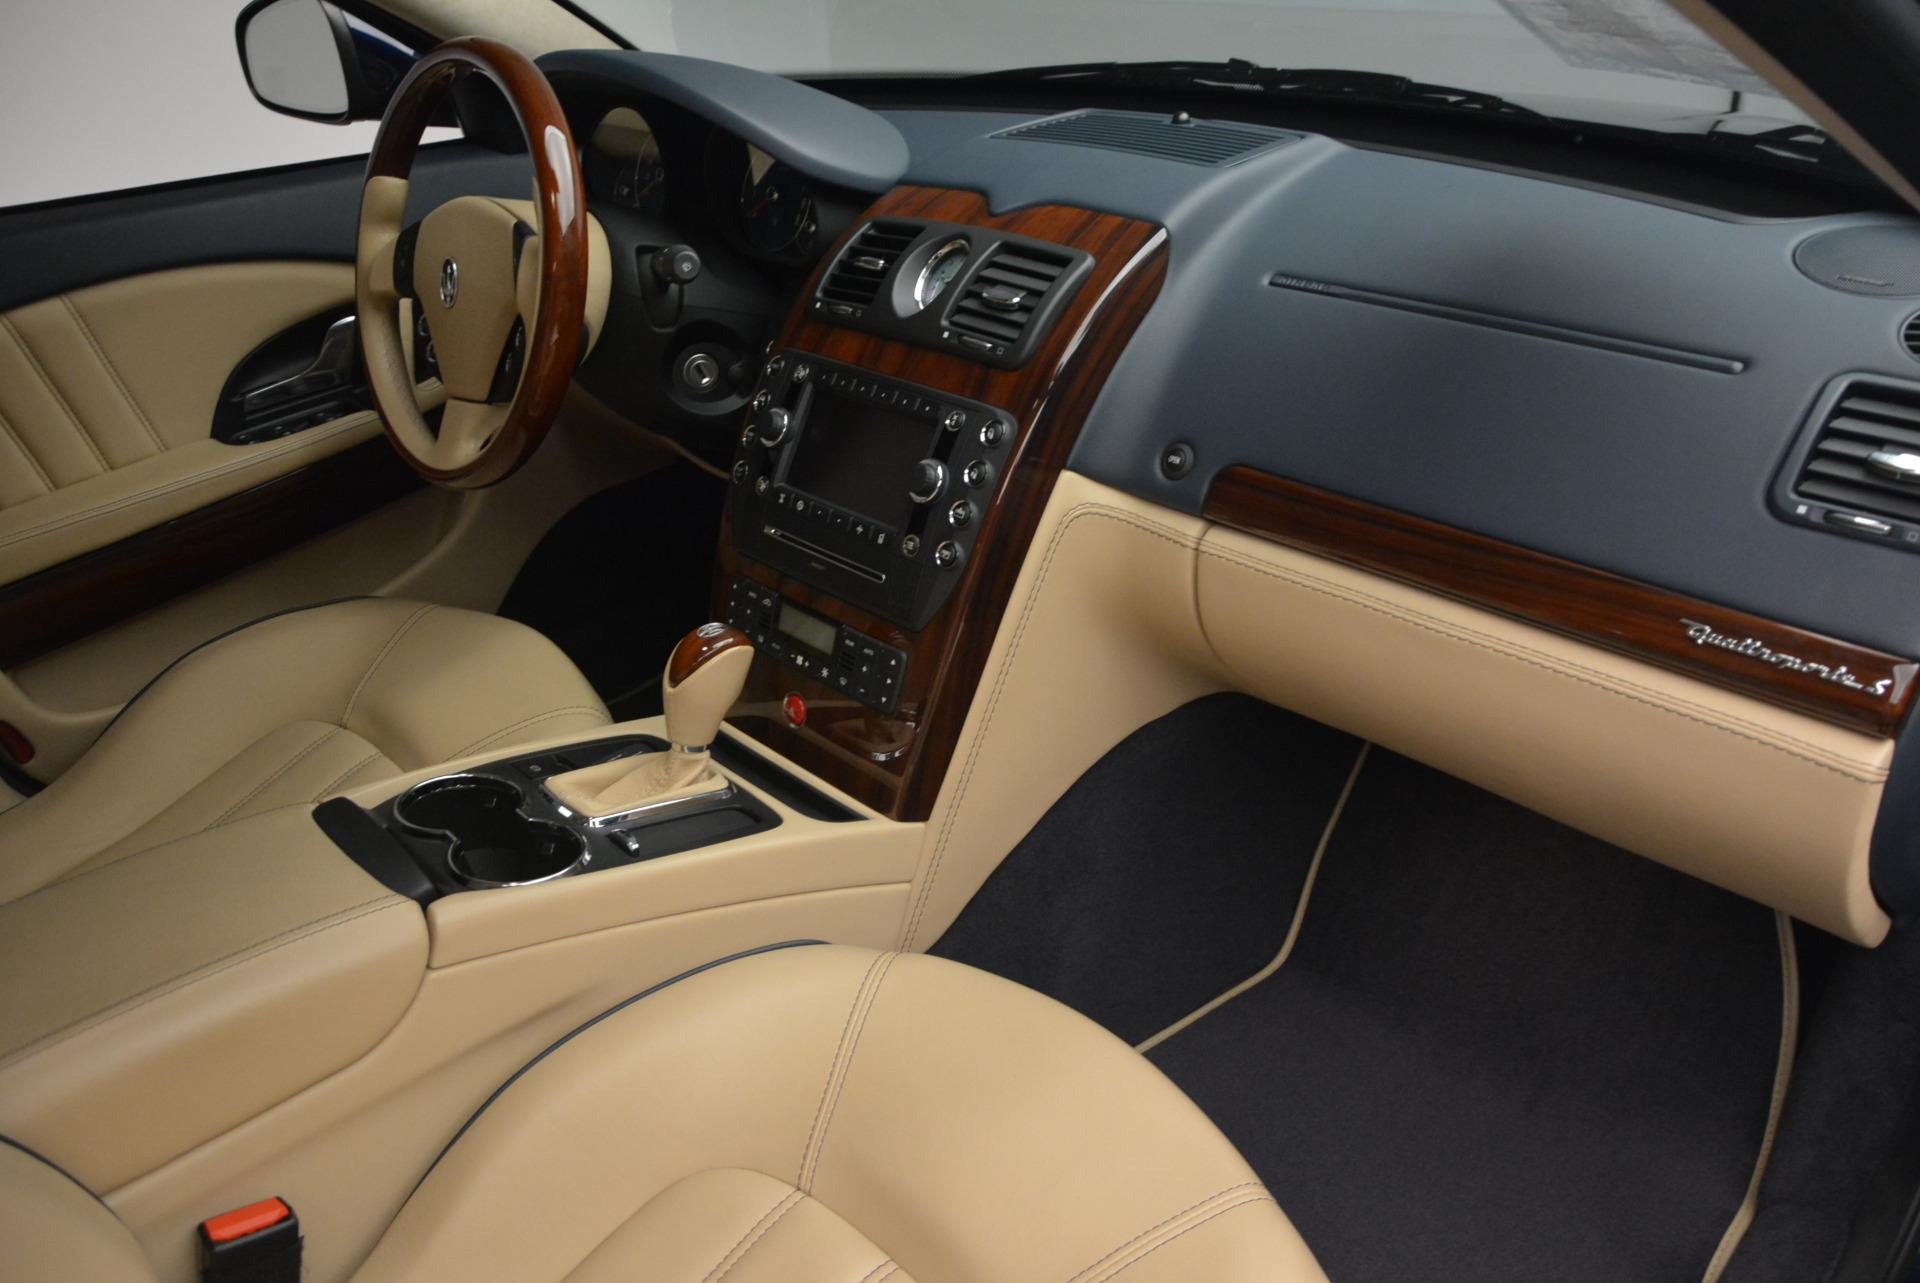 Used 2010 Maserati Quattroporte S For Sale In Greenwich, CT 795_p19